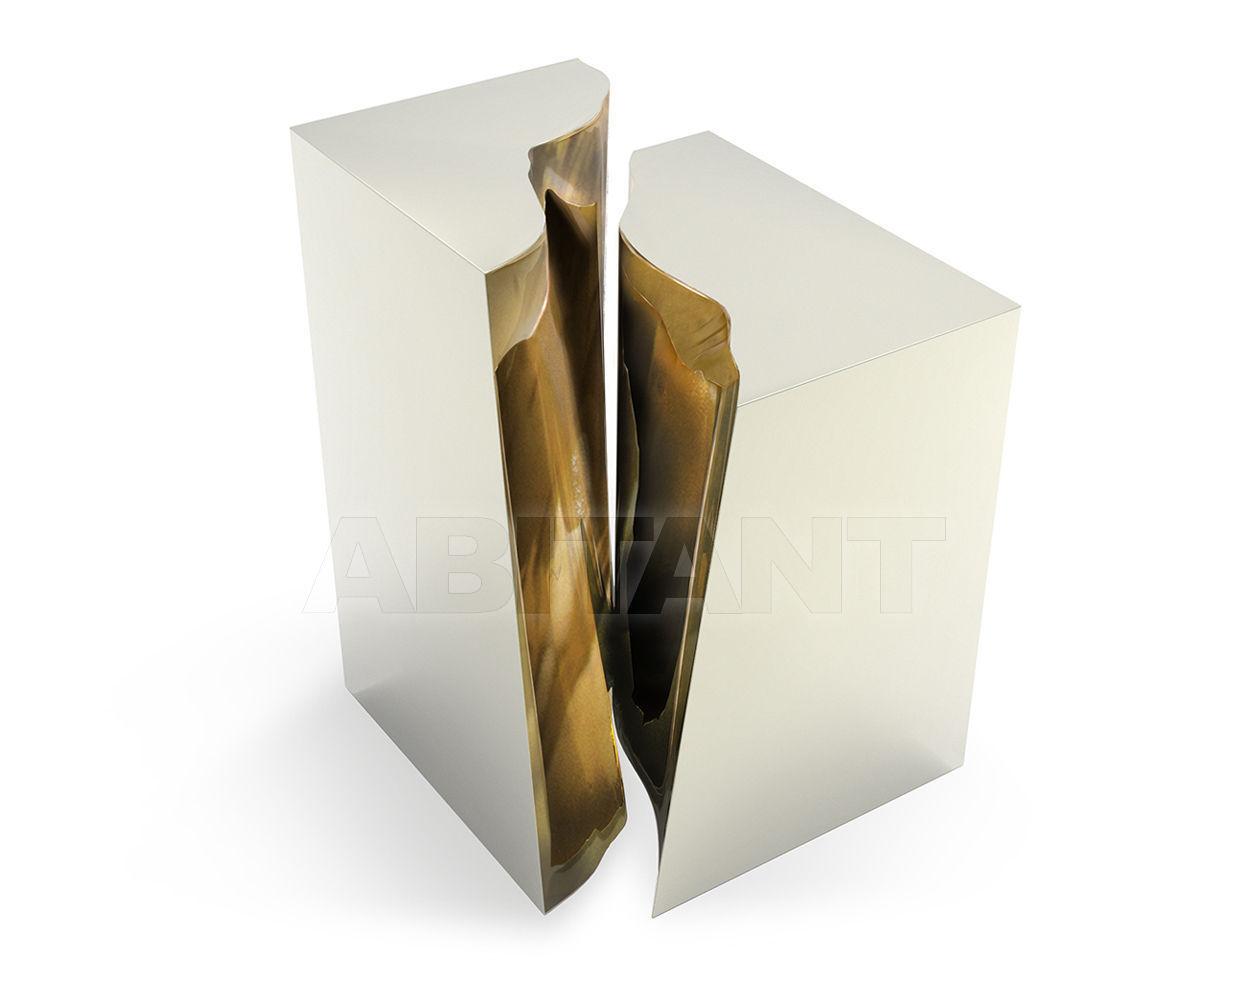 Купить Столик приставной Boca Do Lobo by Covet Lounge Colors LAPIAZ | Sidetable